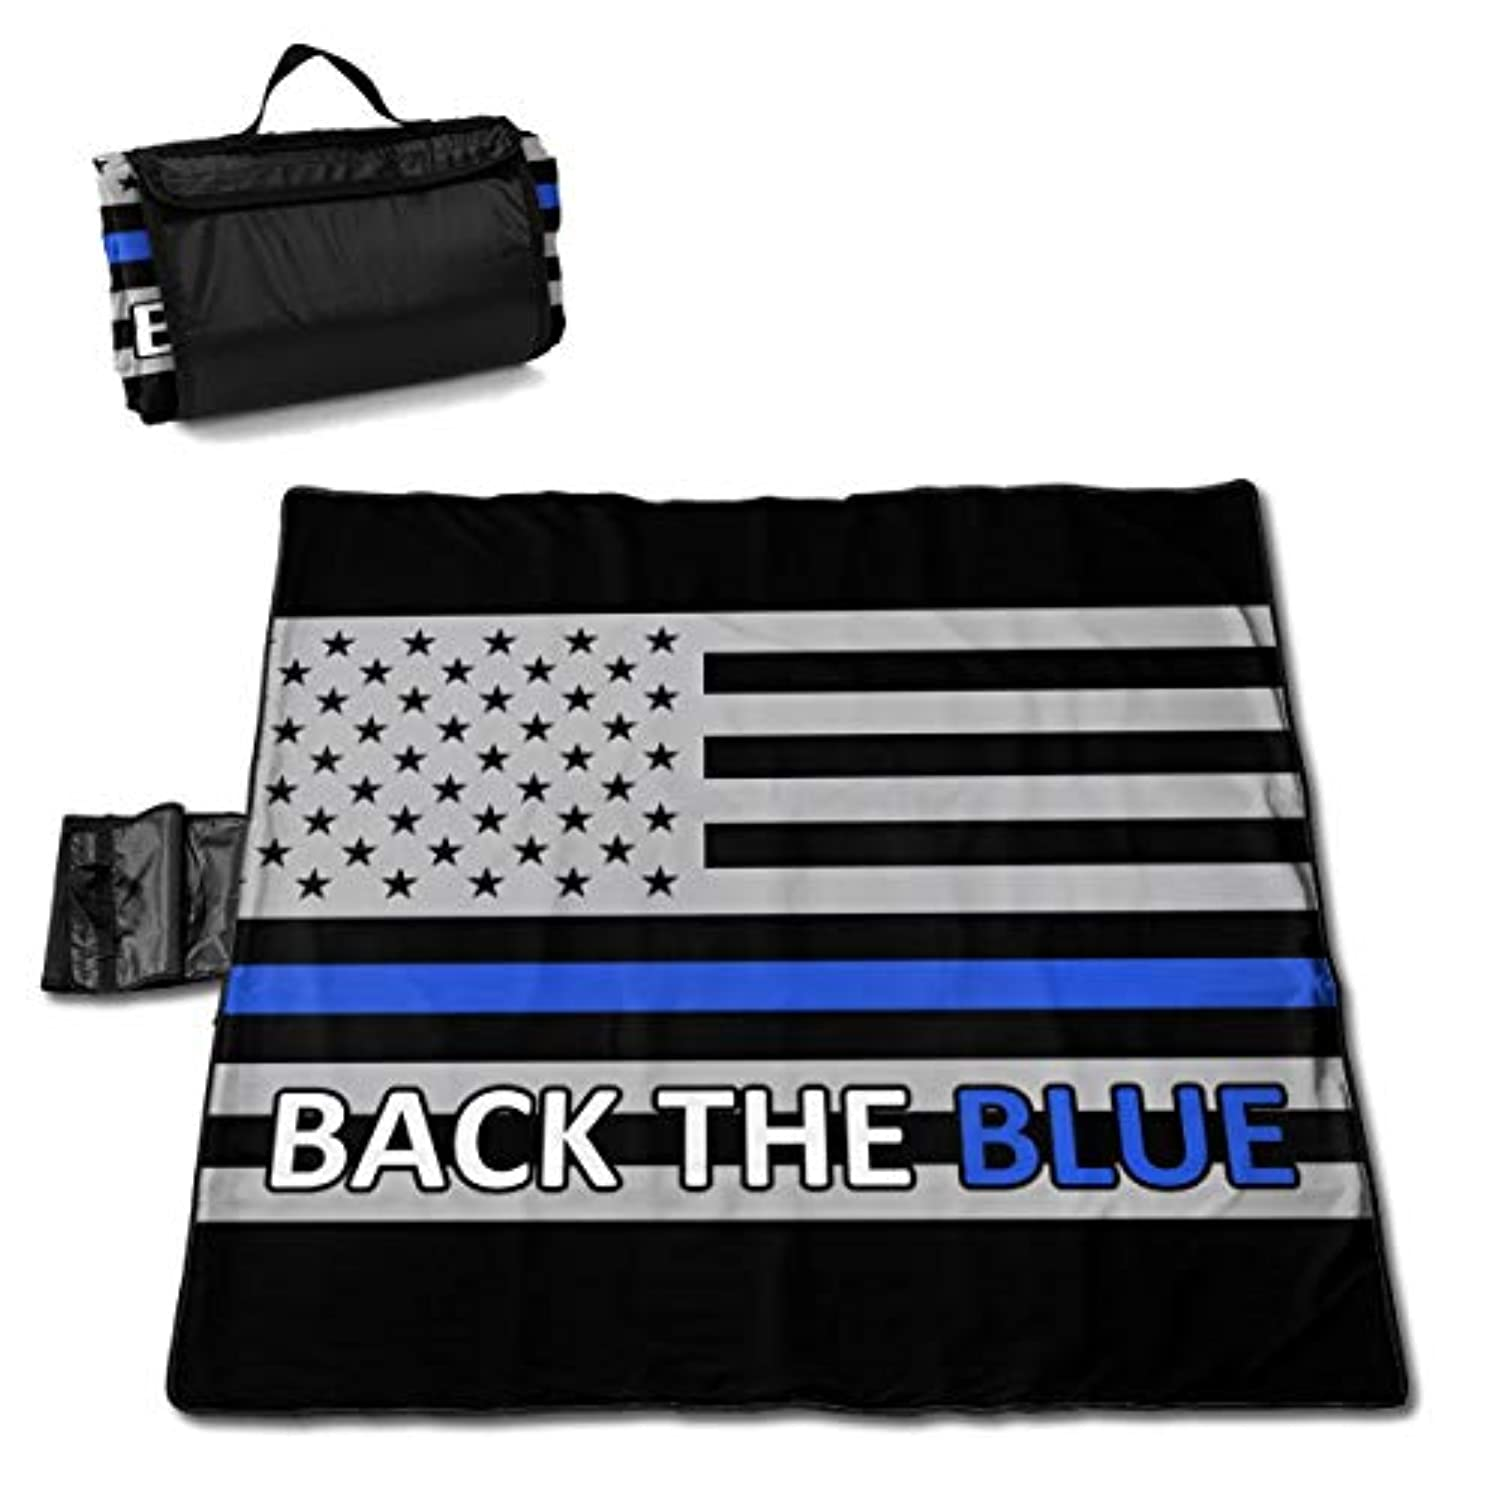 不安定気楽なぞっとするような青い警察ラインの旗 ピクニックマット レジャーシート ファミリー レジャーマット 防水 防潮 マット 折り畳み 持ち運び便利 四季適用び おしゃれ花火大会 運動会 遠足 キャンプ 145×150cm